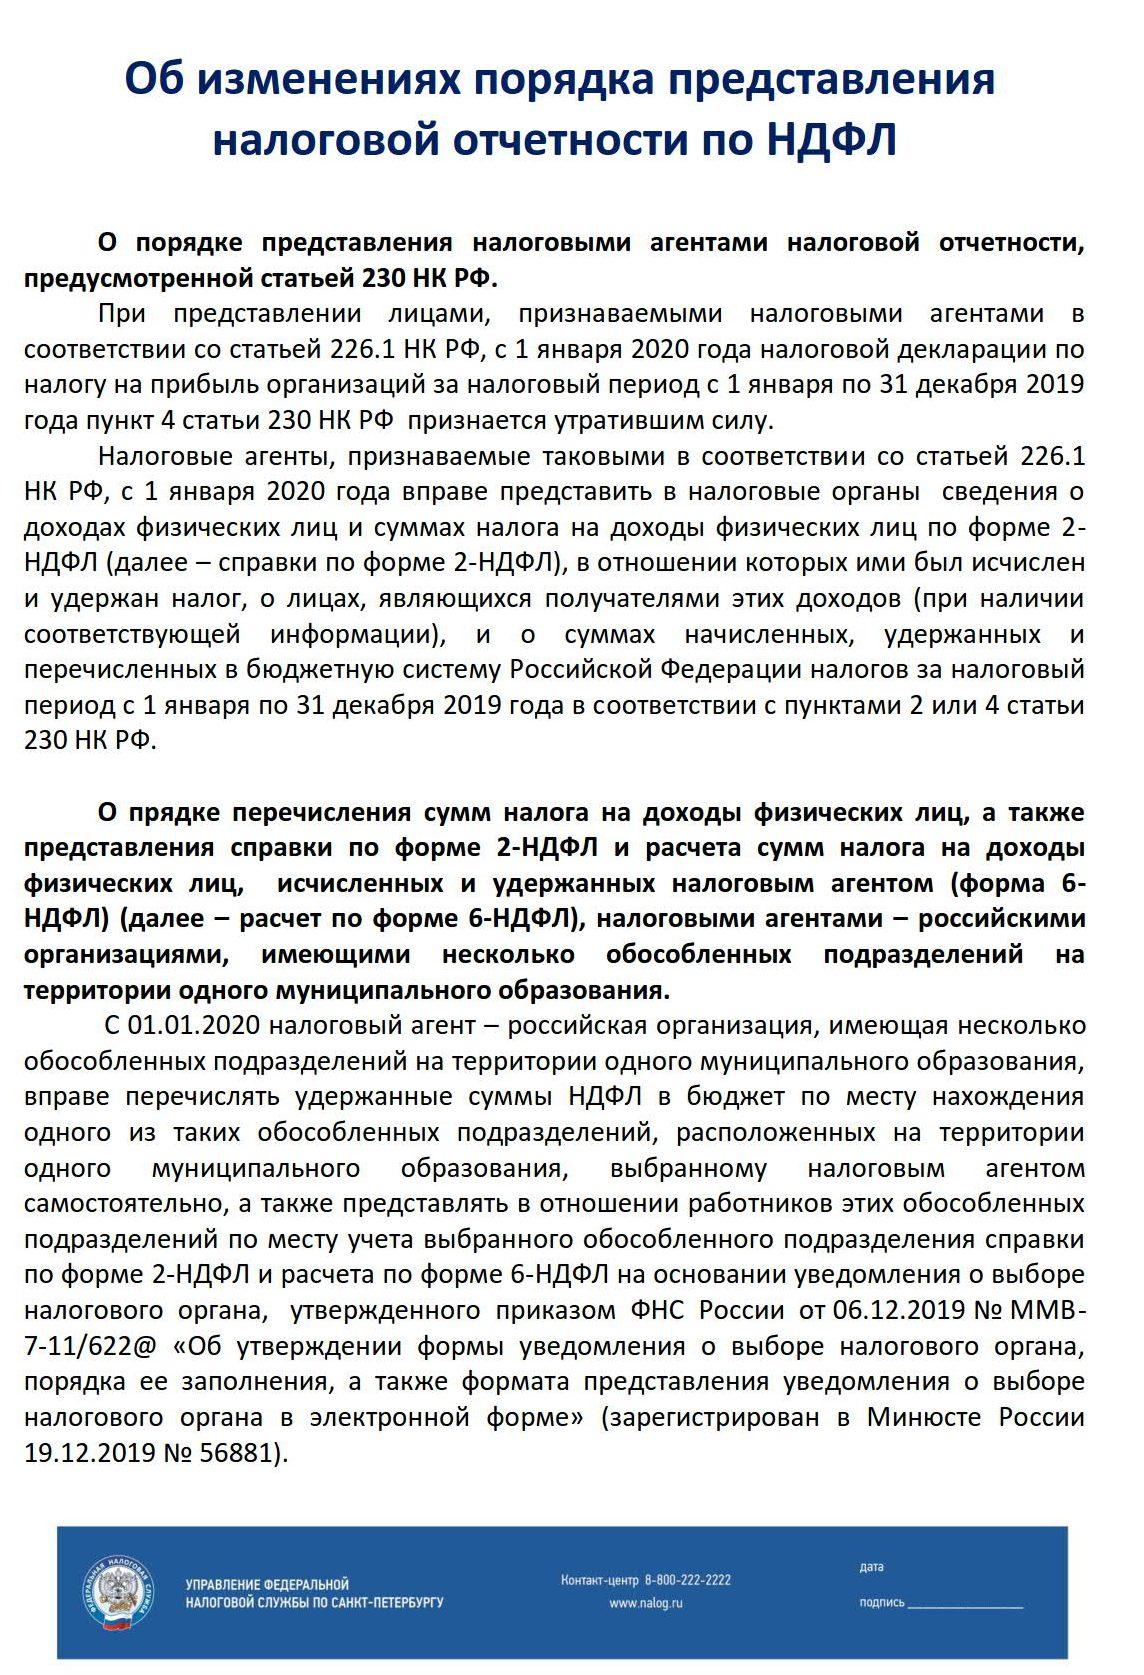 Изменения 2-НДФЛ_6-НДФЛ_1